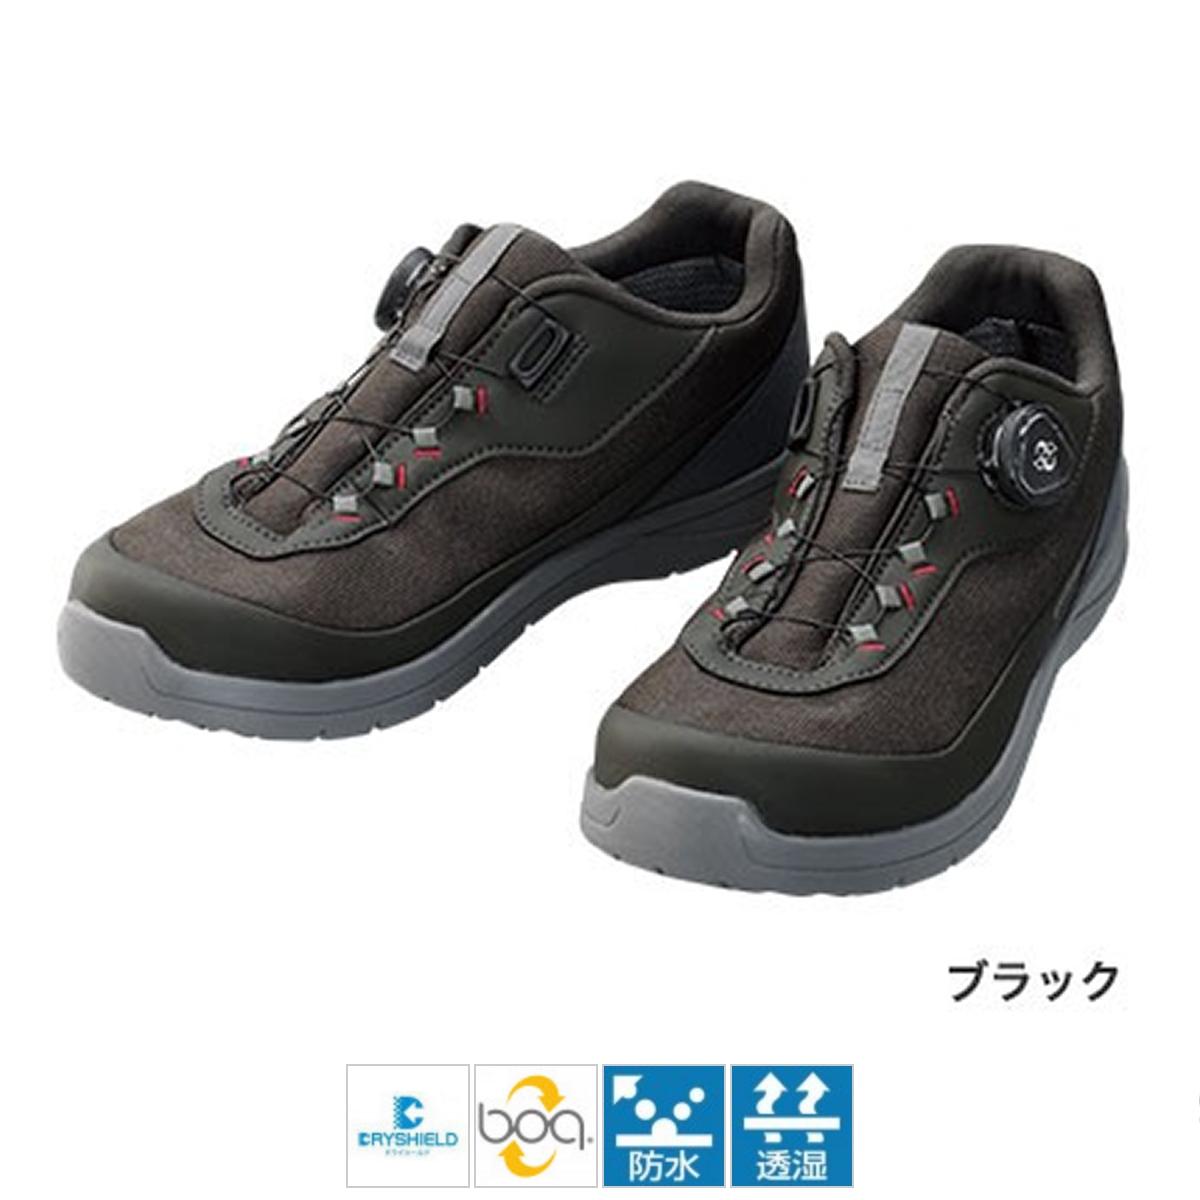 シマノ ドライシールド デッキラジアルフィットシューズ LW FS-081Q 26cm ブラック